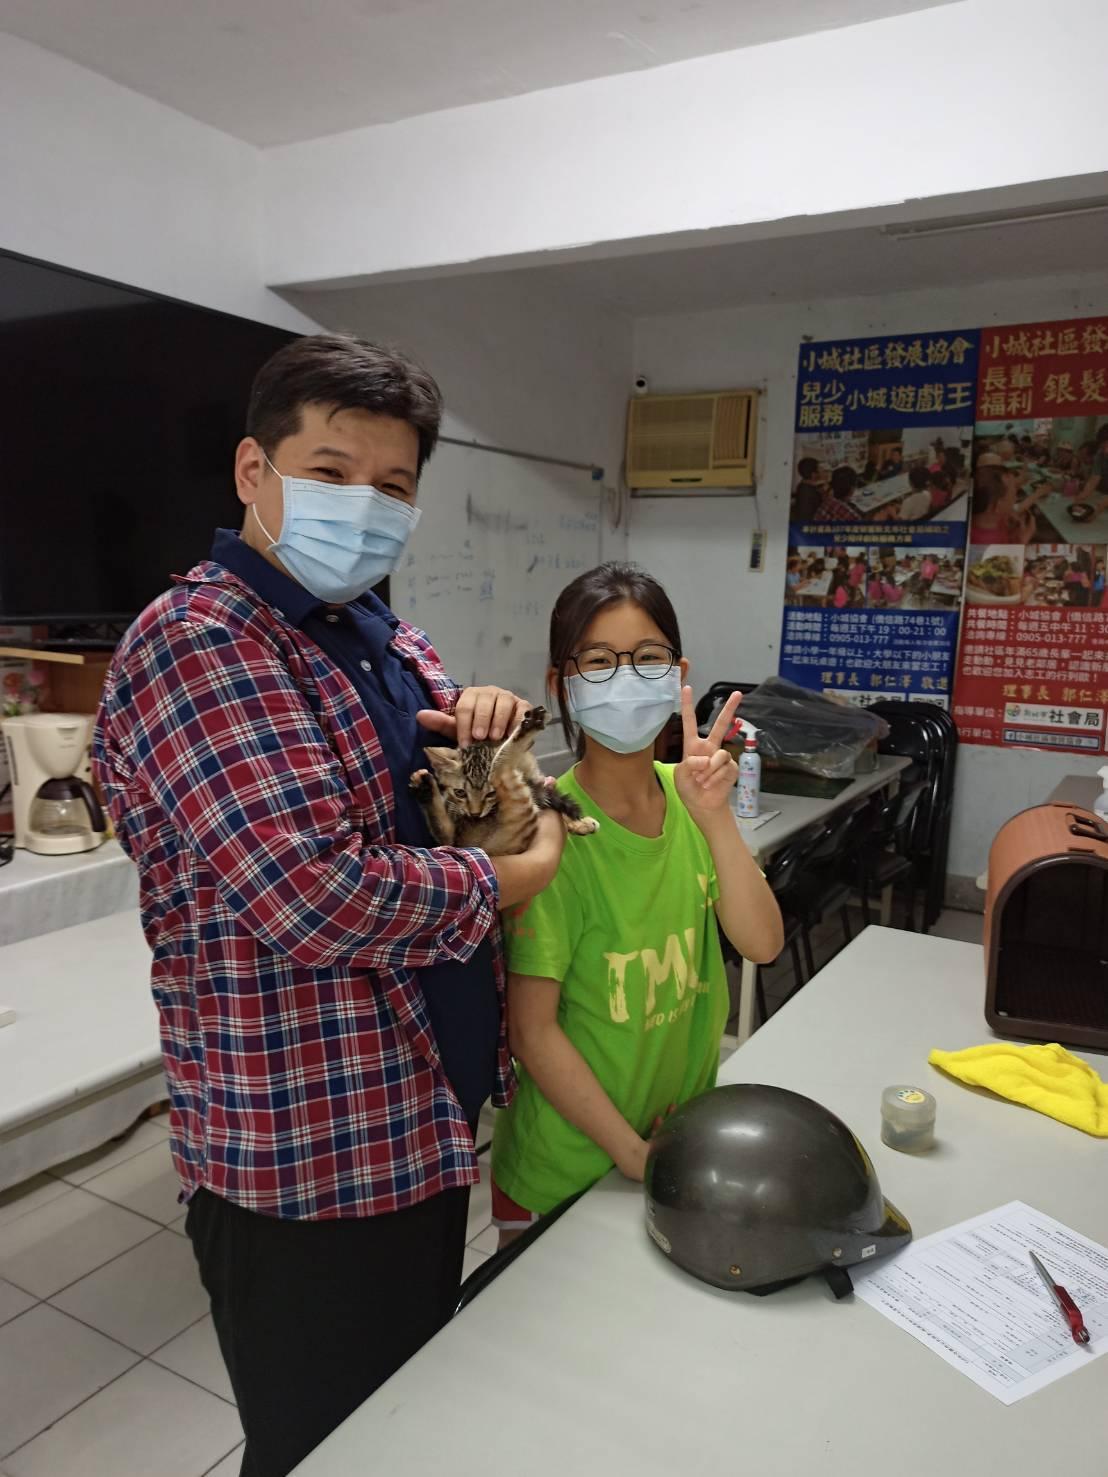 里長辦公室化身為街貓求救站(照片來源:郭仁澤提供)